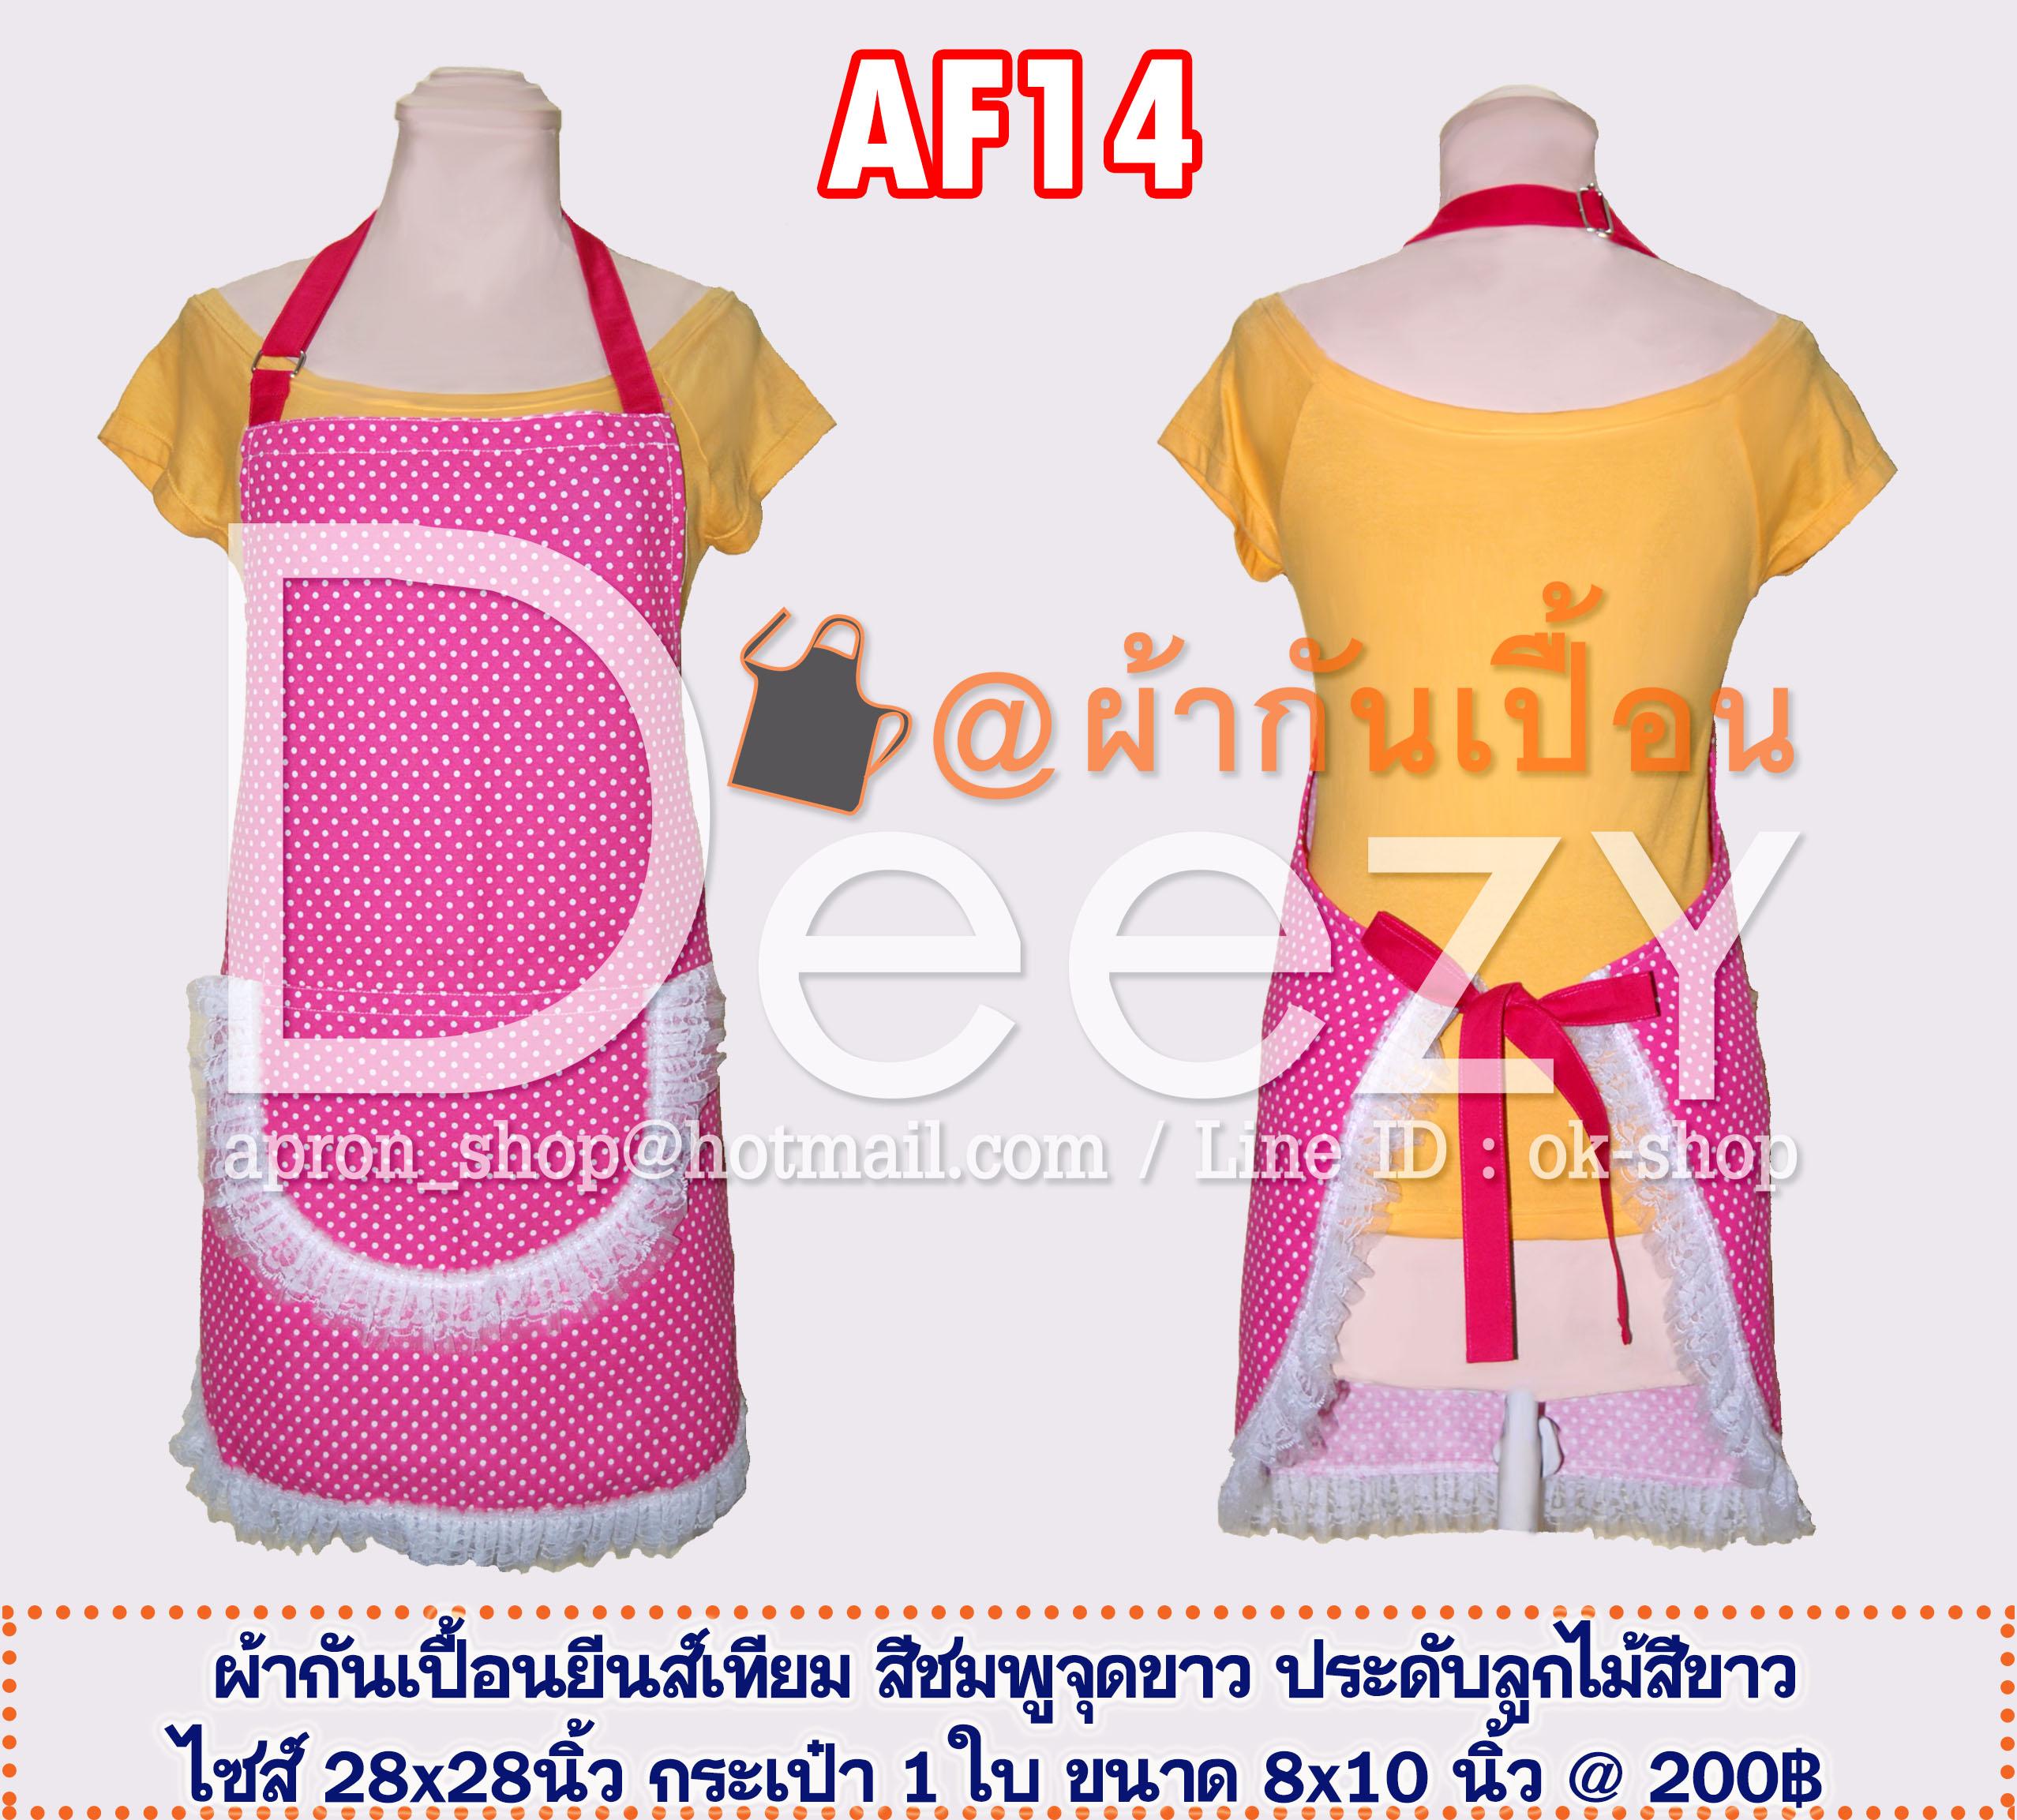 ผ้ากันเปื้อนบีนส์เทียม สีชมพูจุดขาว ประดับลูกไม้